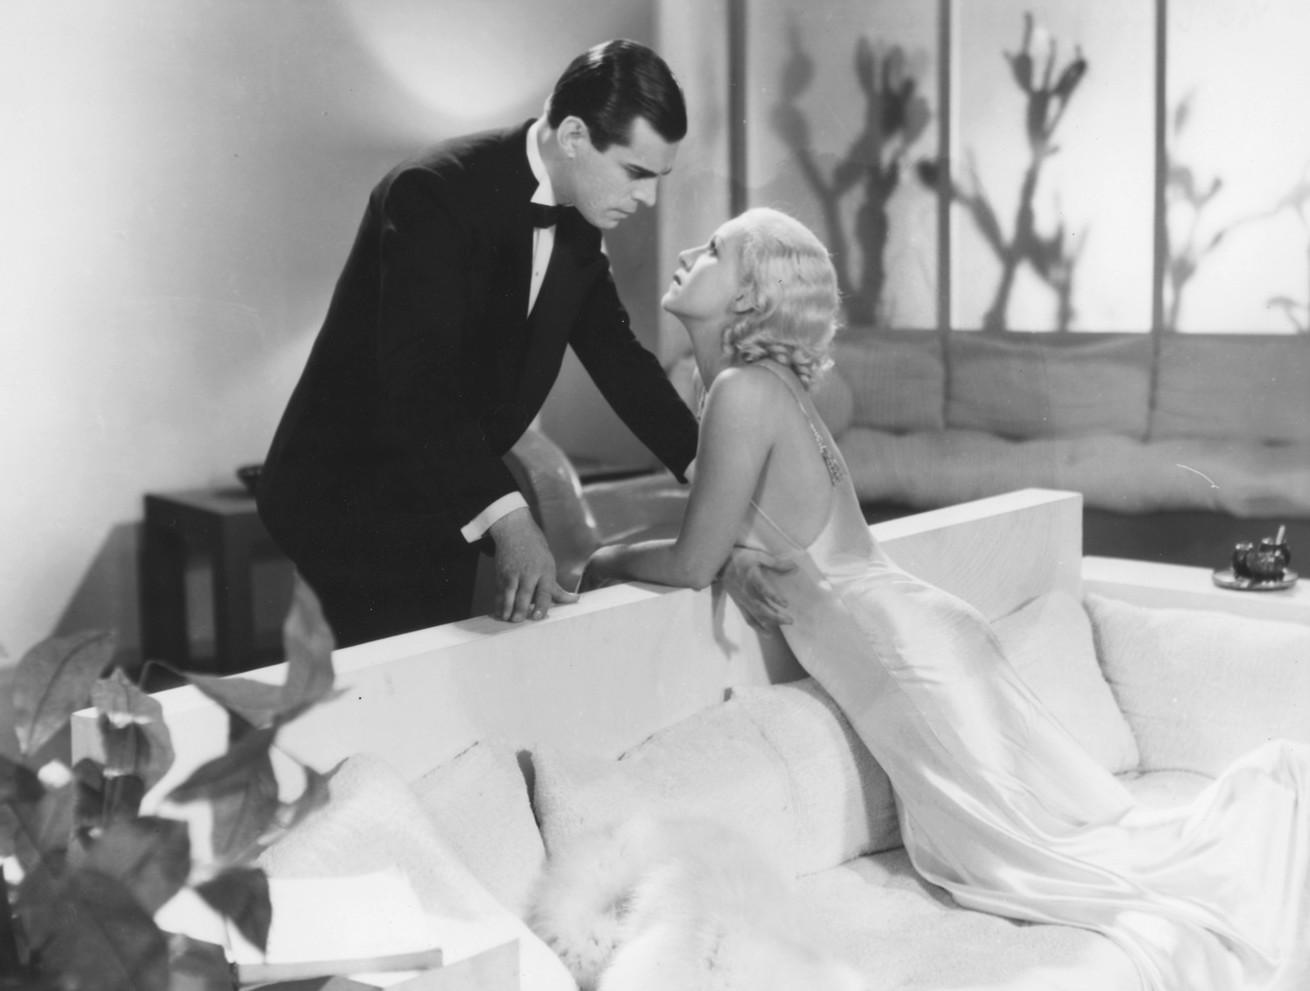 Blanca de Castejón and José Gola in Por buen camino (1936)